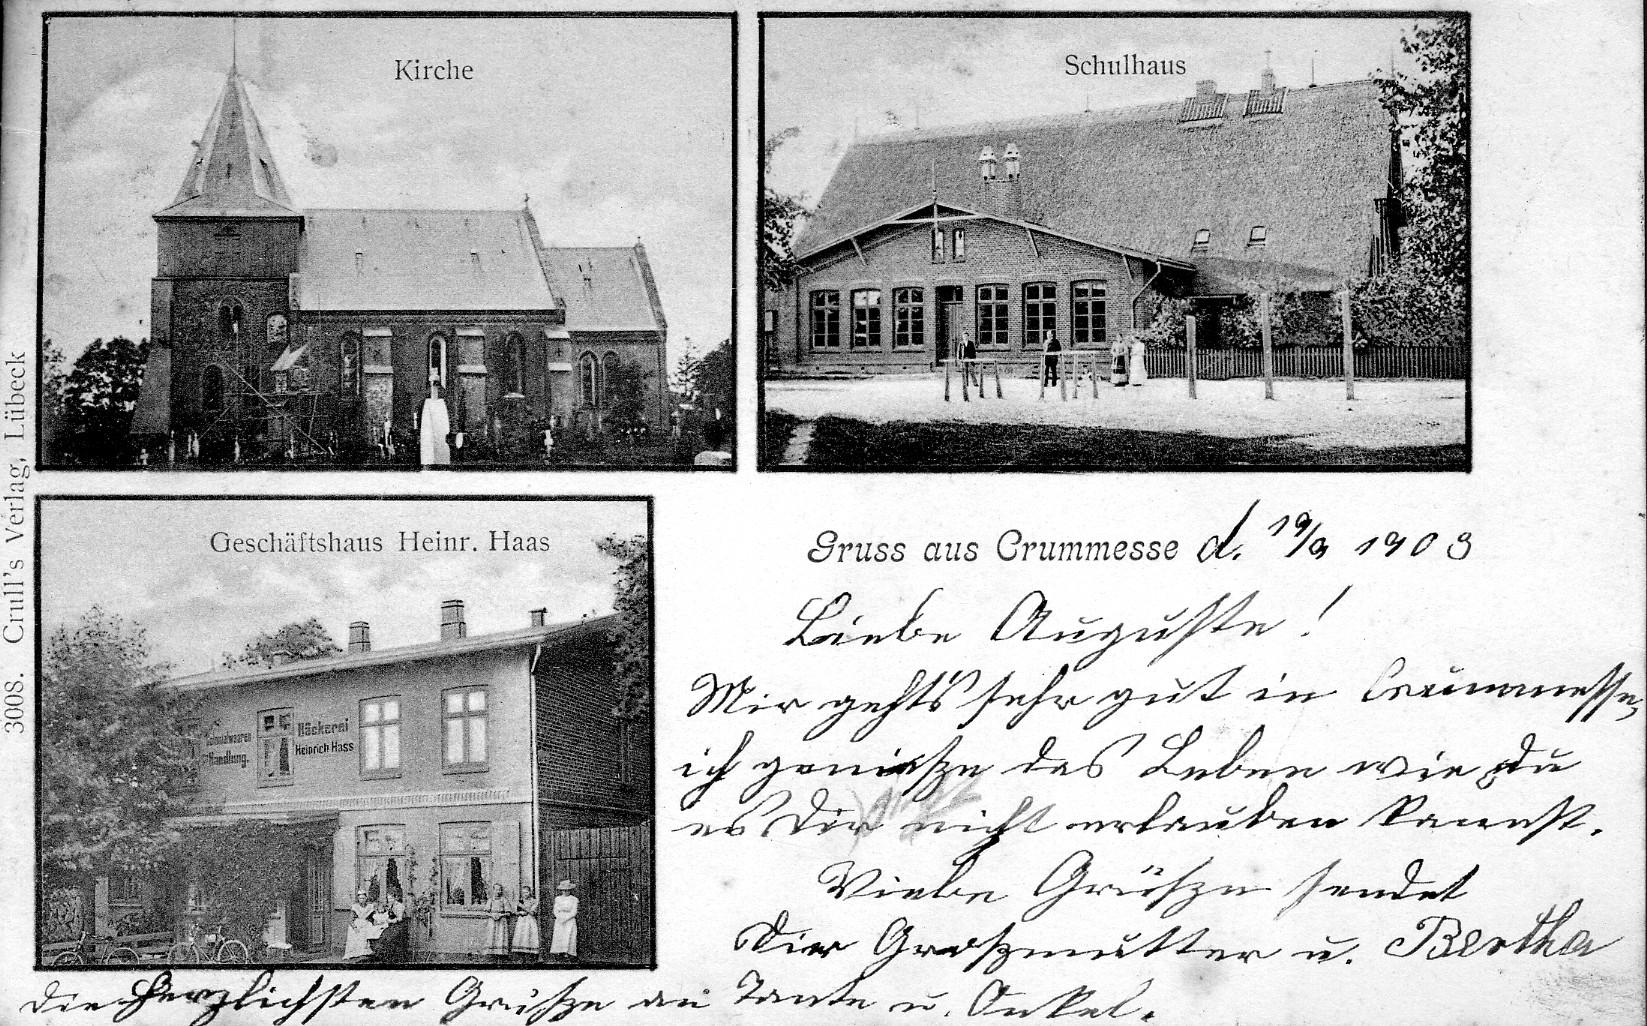 Kirche - Schule - Bäckerei Haas 1903